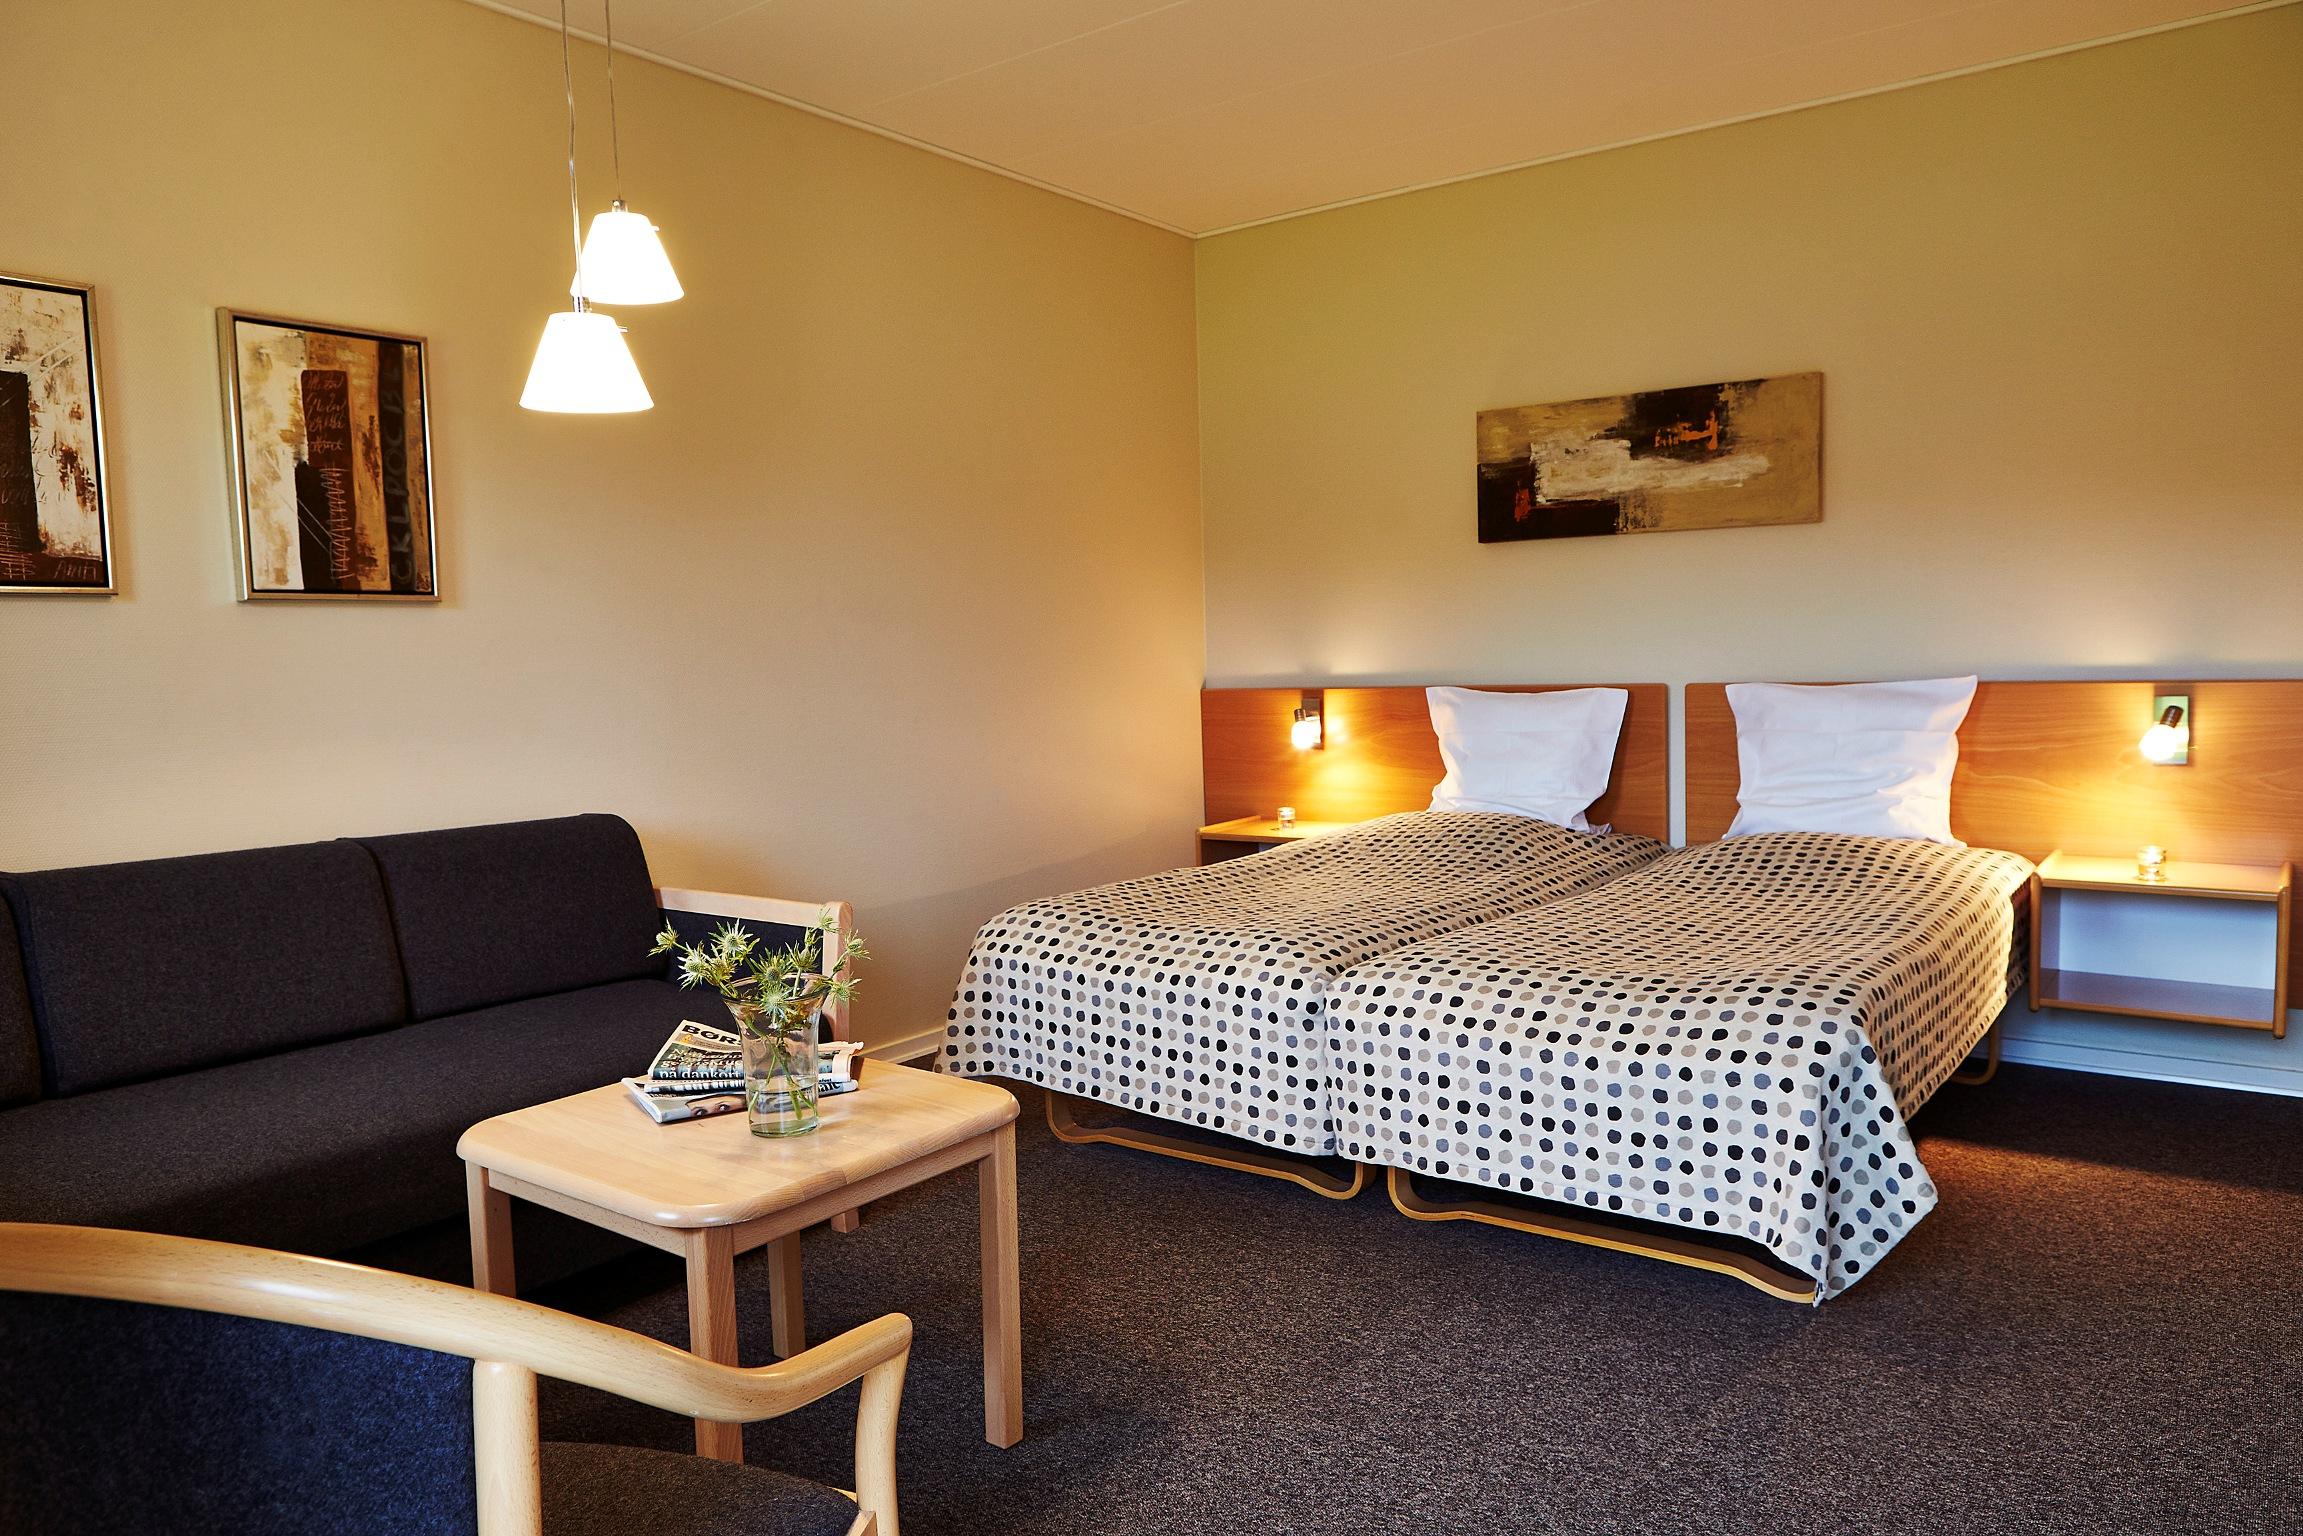 Hotel Svanen Grindsted | Tæt på LEGOLAND® og LEGO® House